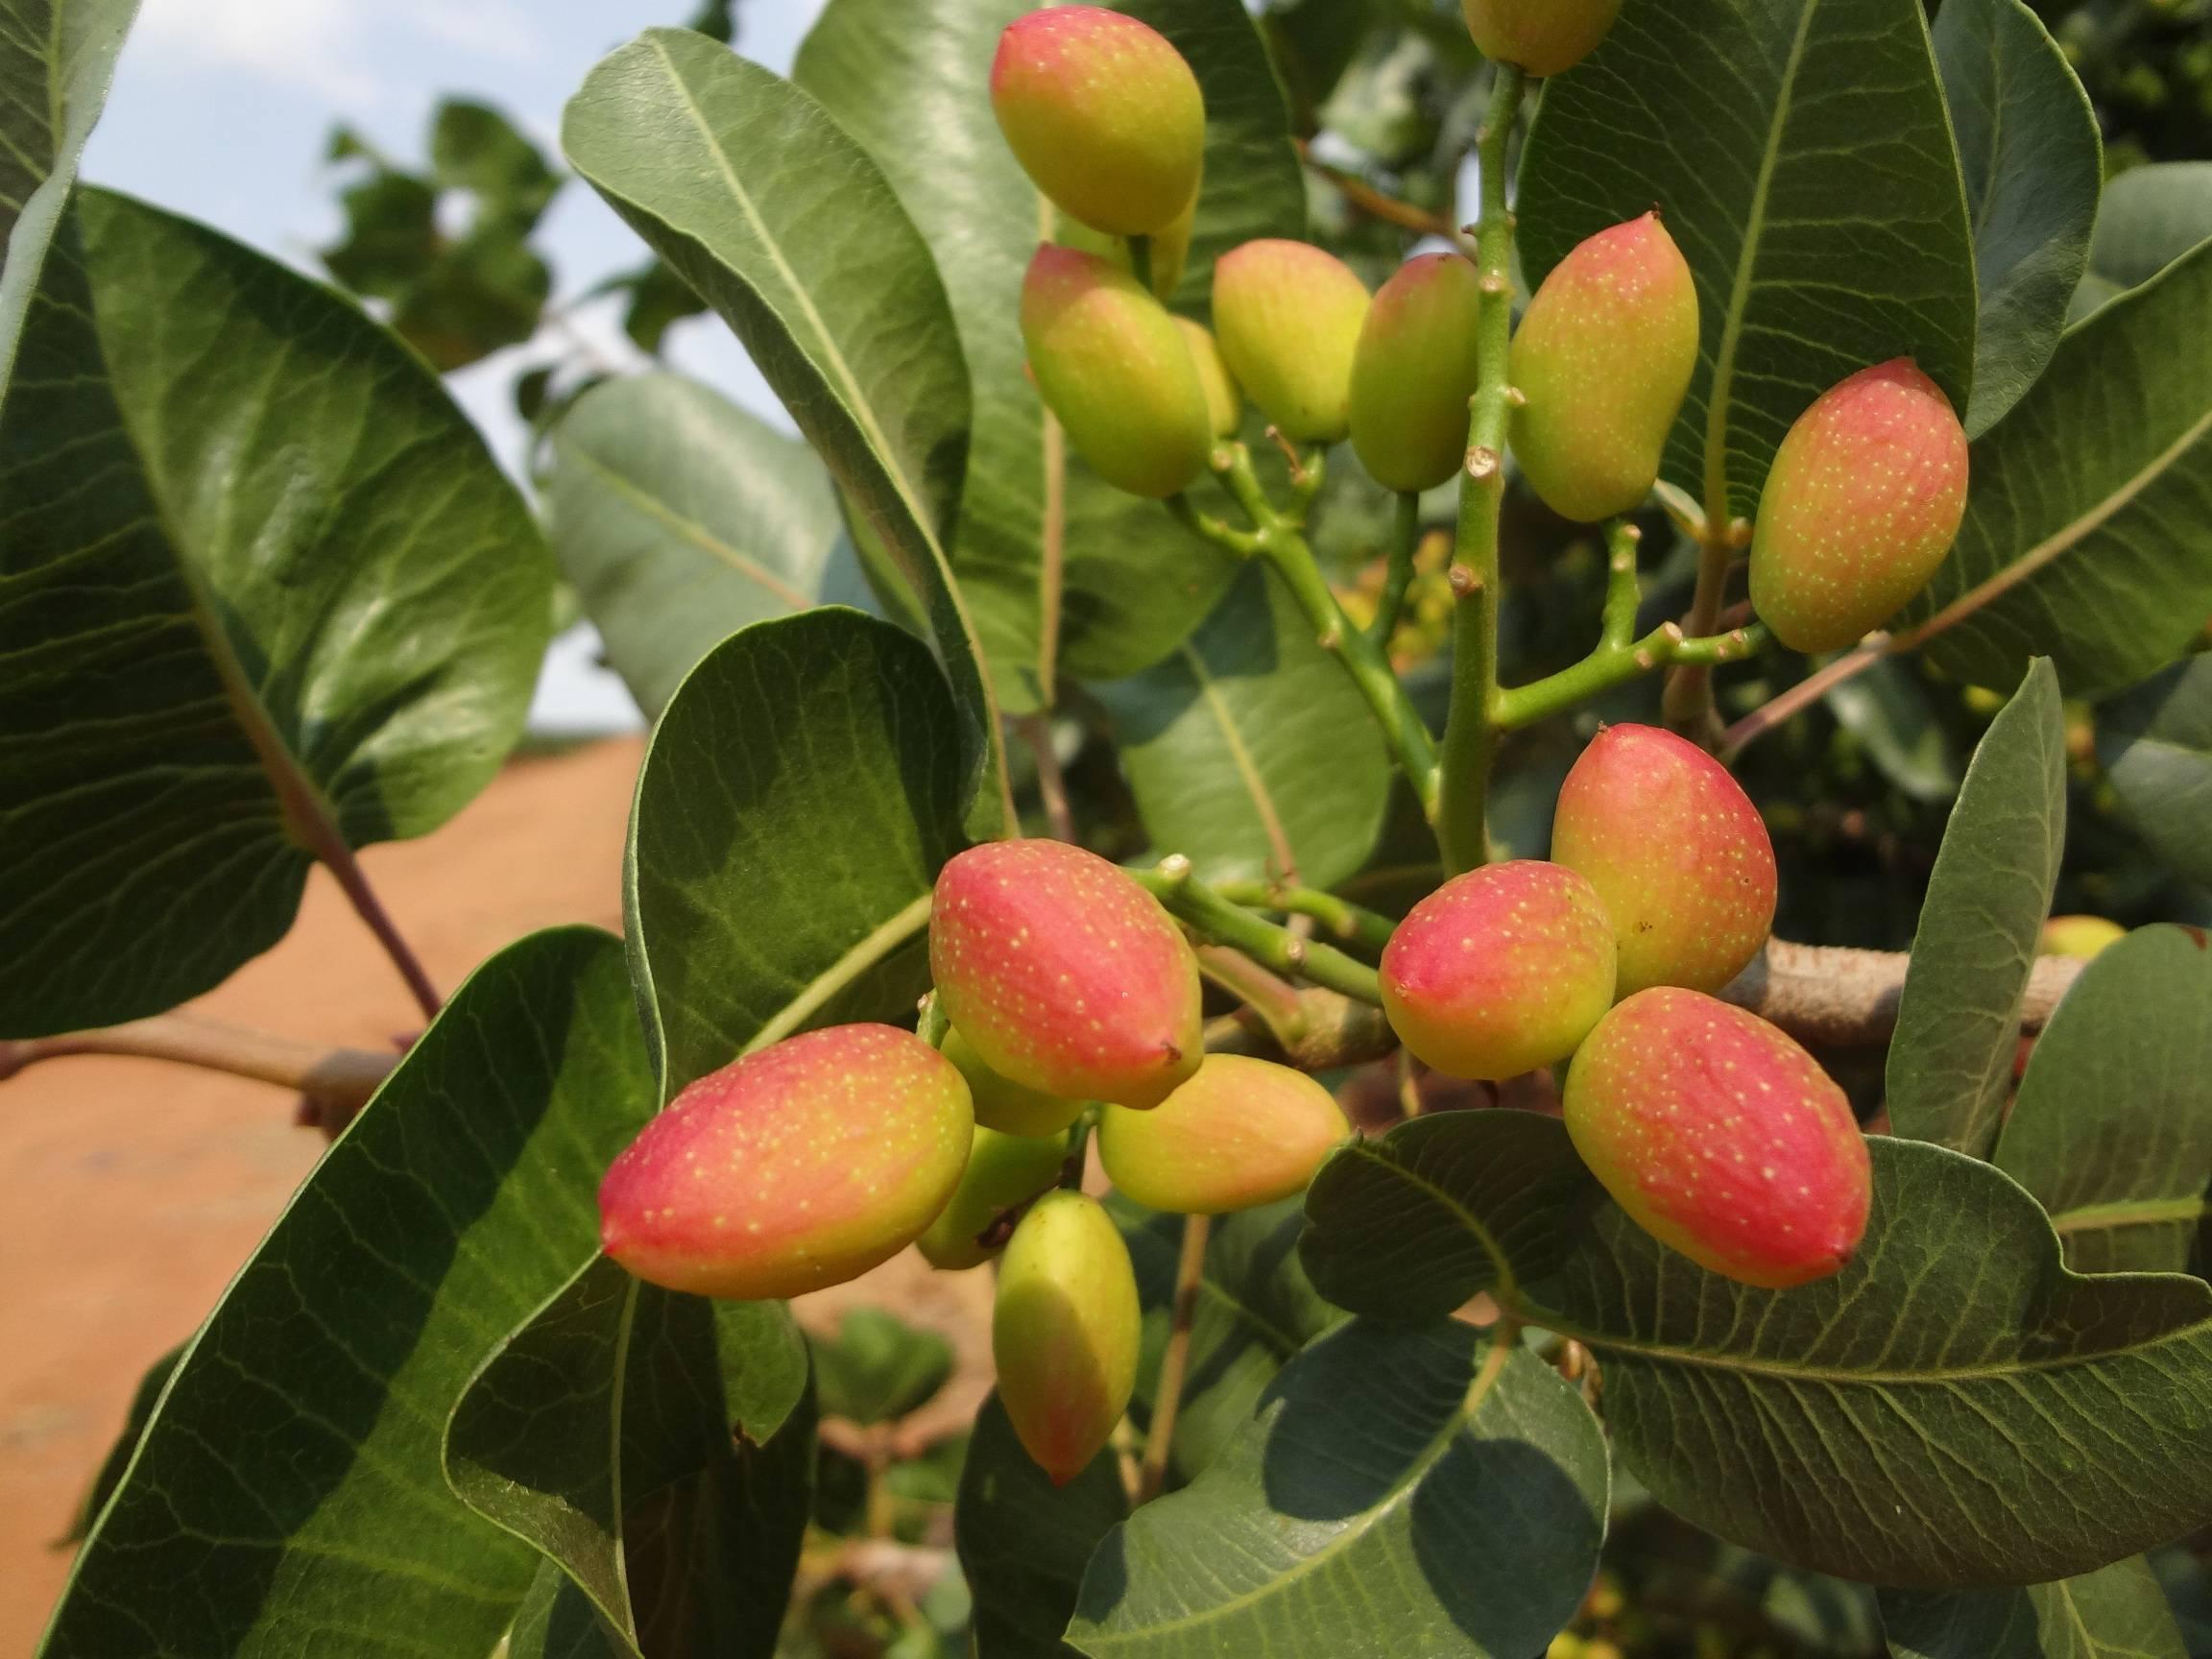 Фисташковое дерево: как растет, посадка и уход в домашних условиях